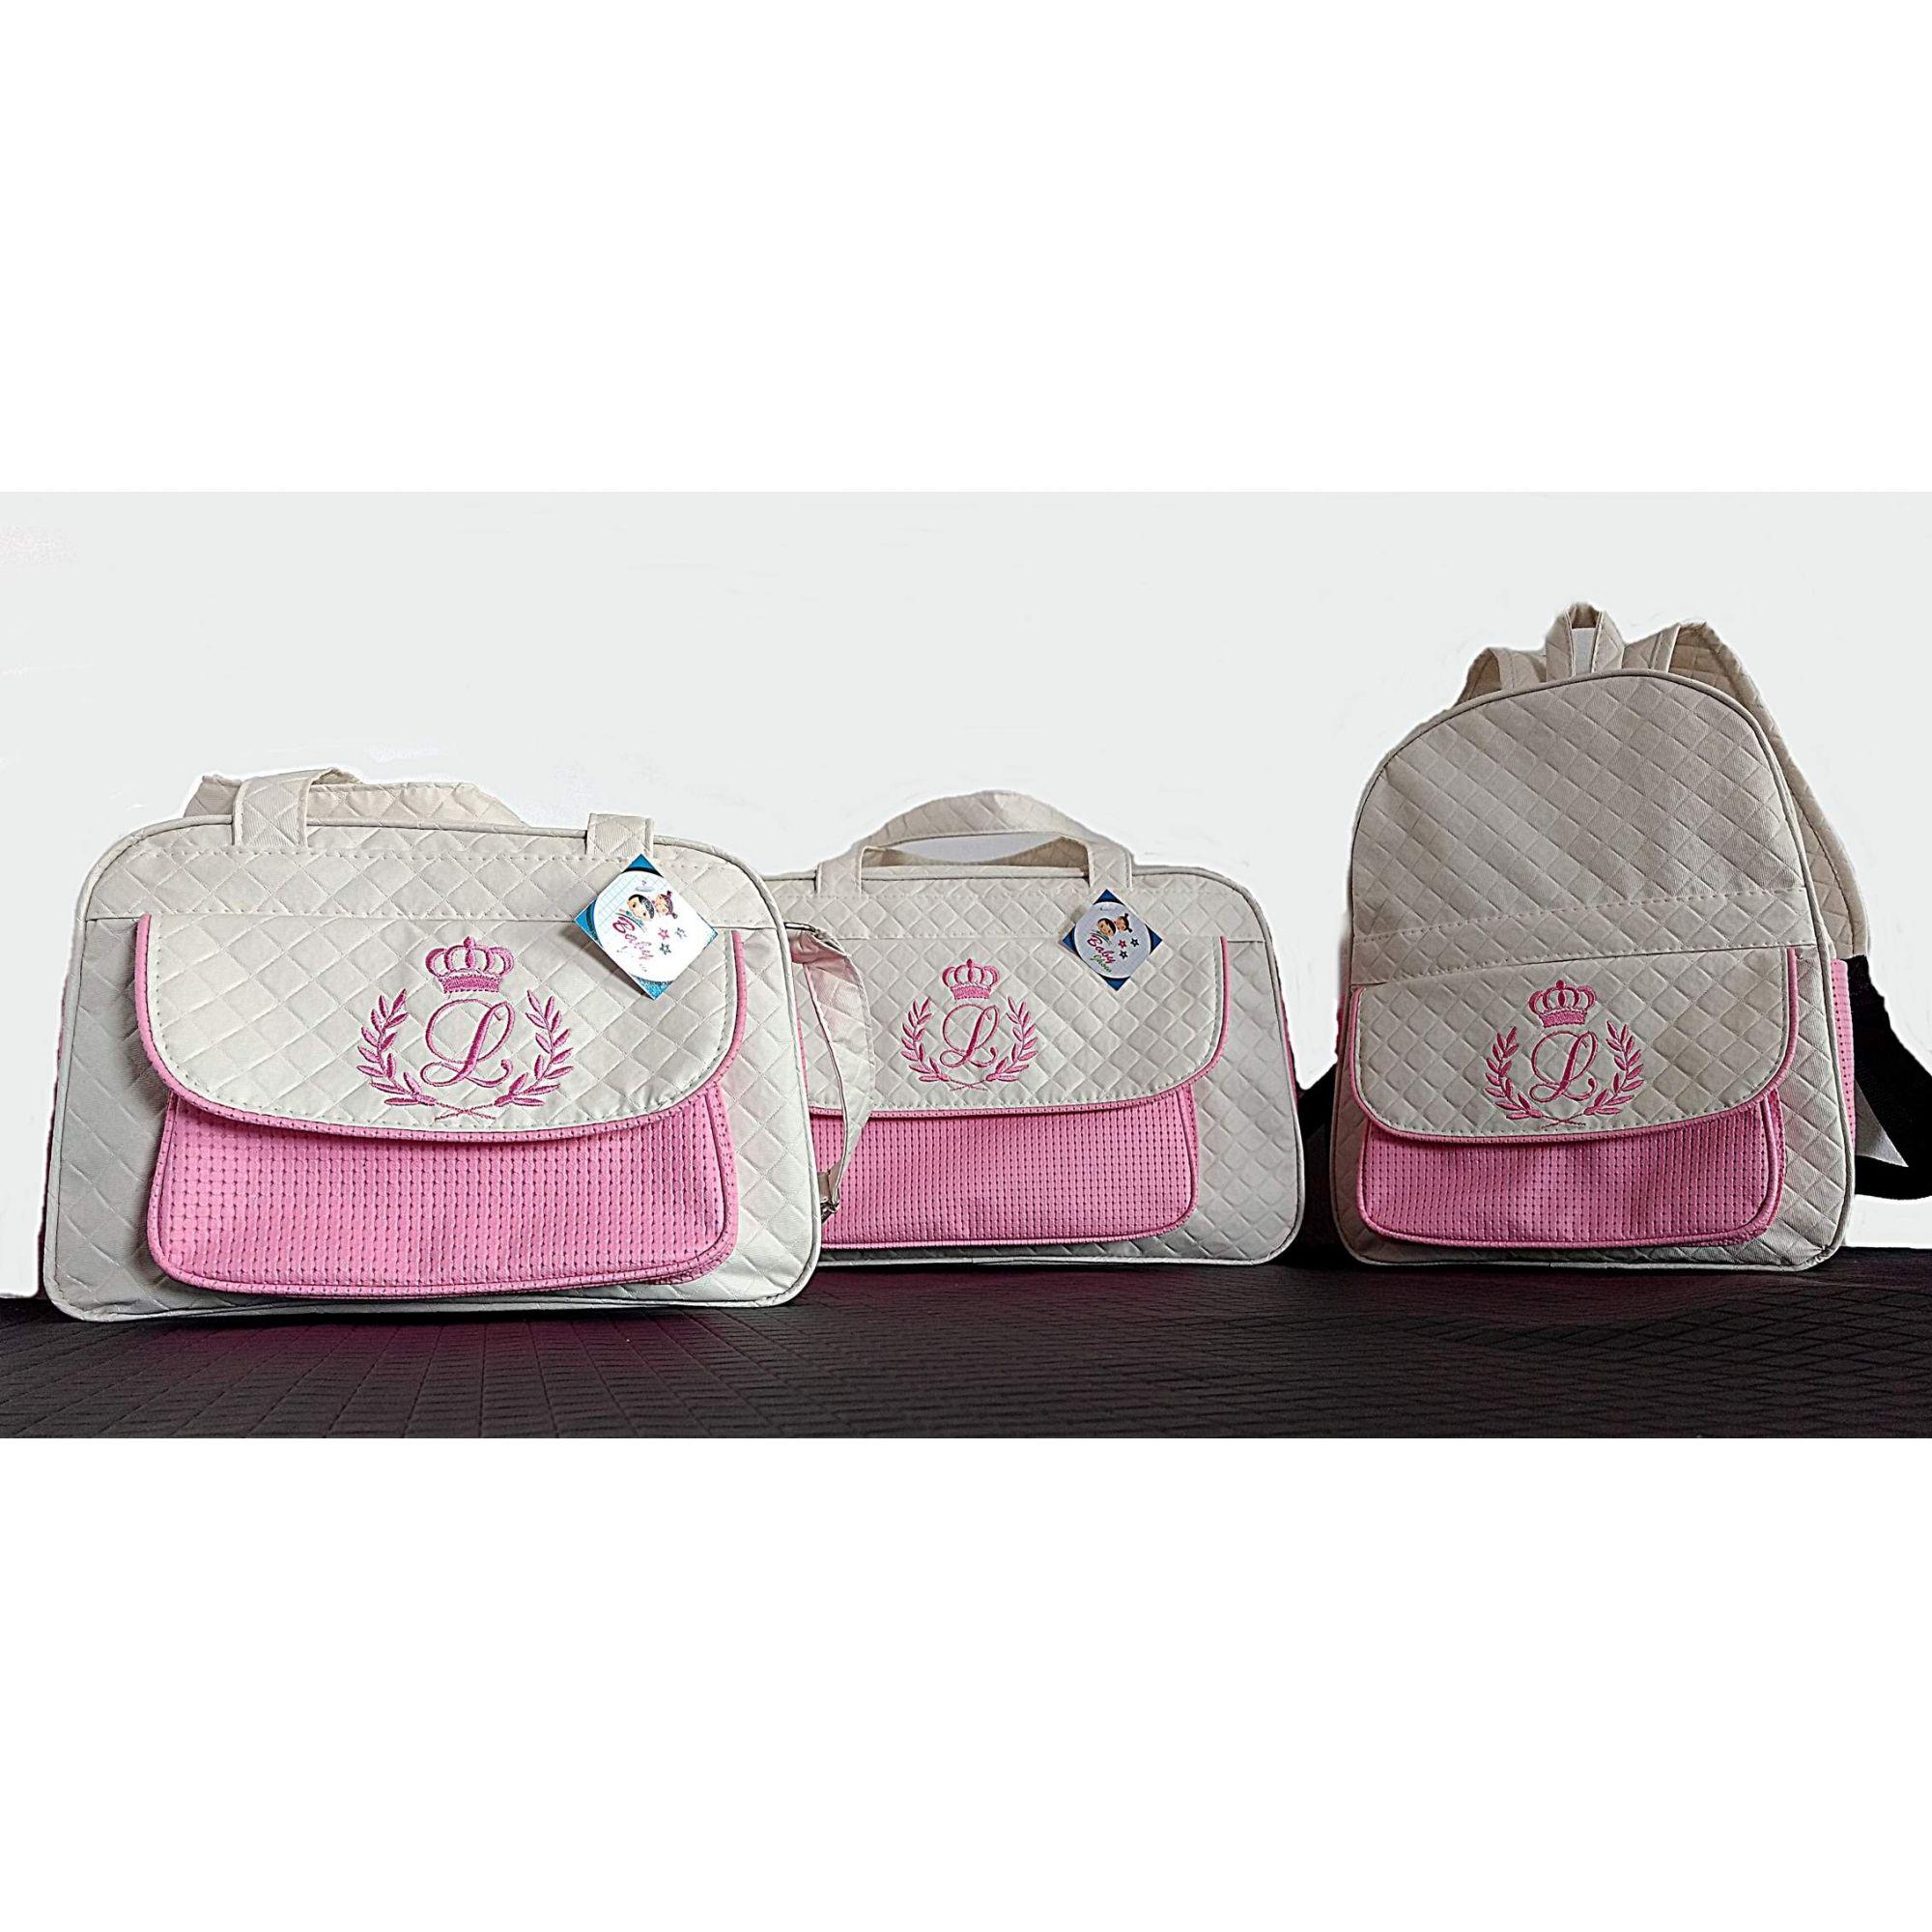 Kit Bolsa grande e Bolsa pequena + Mochila  Maternidade Personalizadas 3pçs Menina